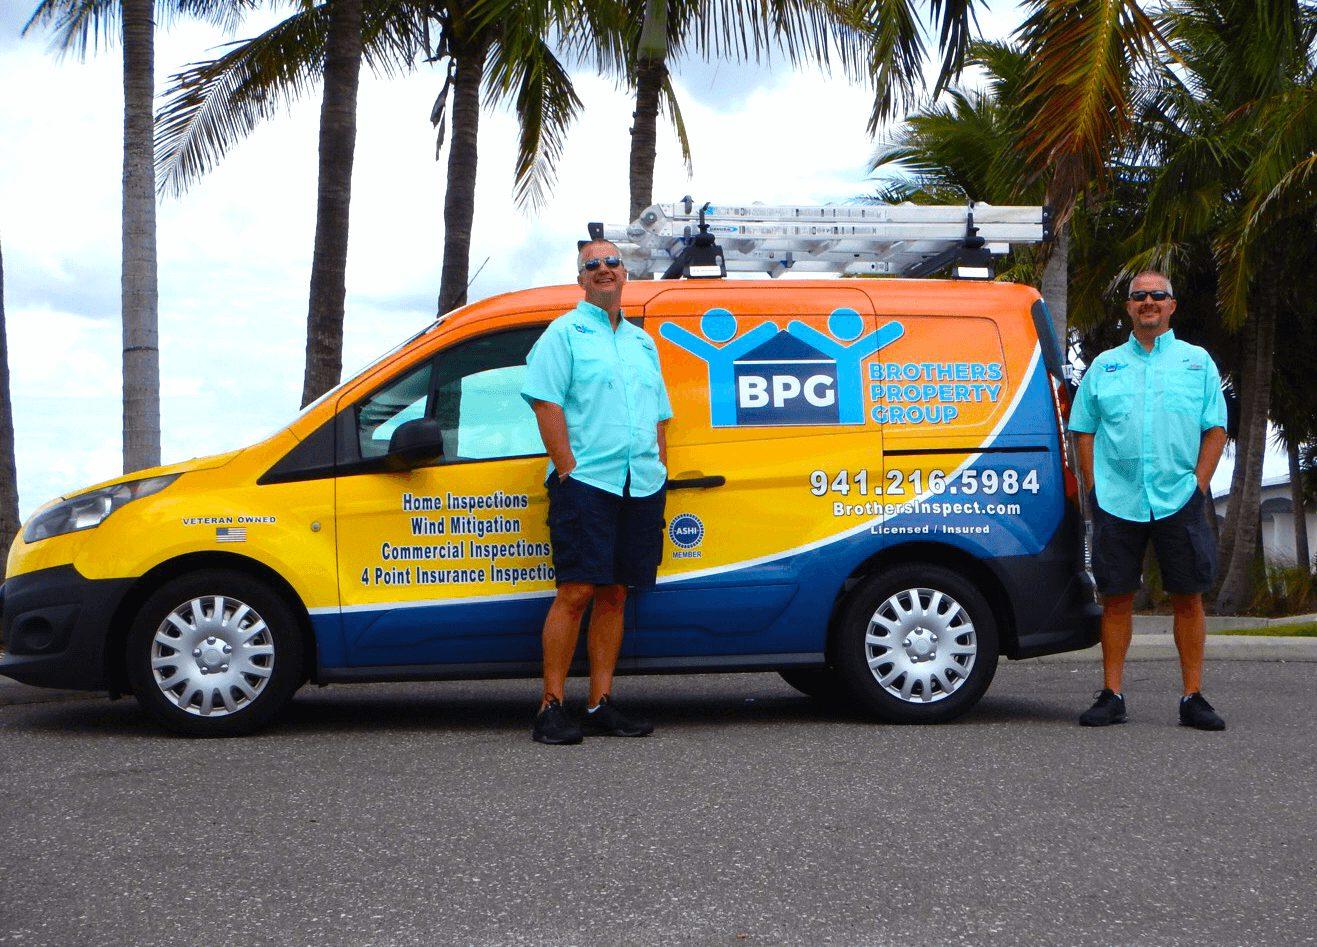 Home Inspectors with van